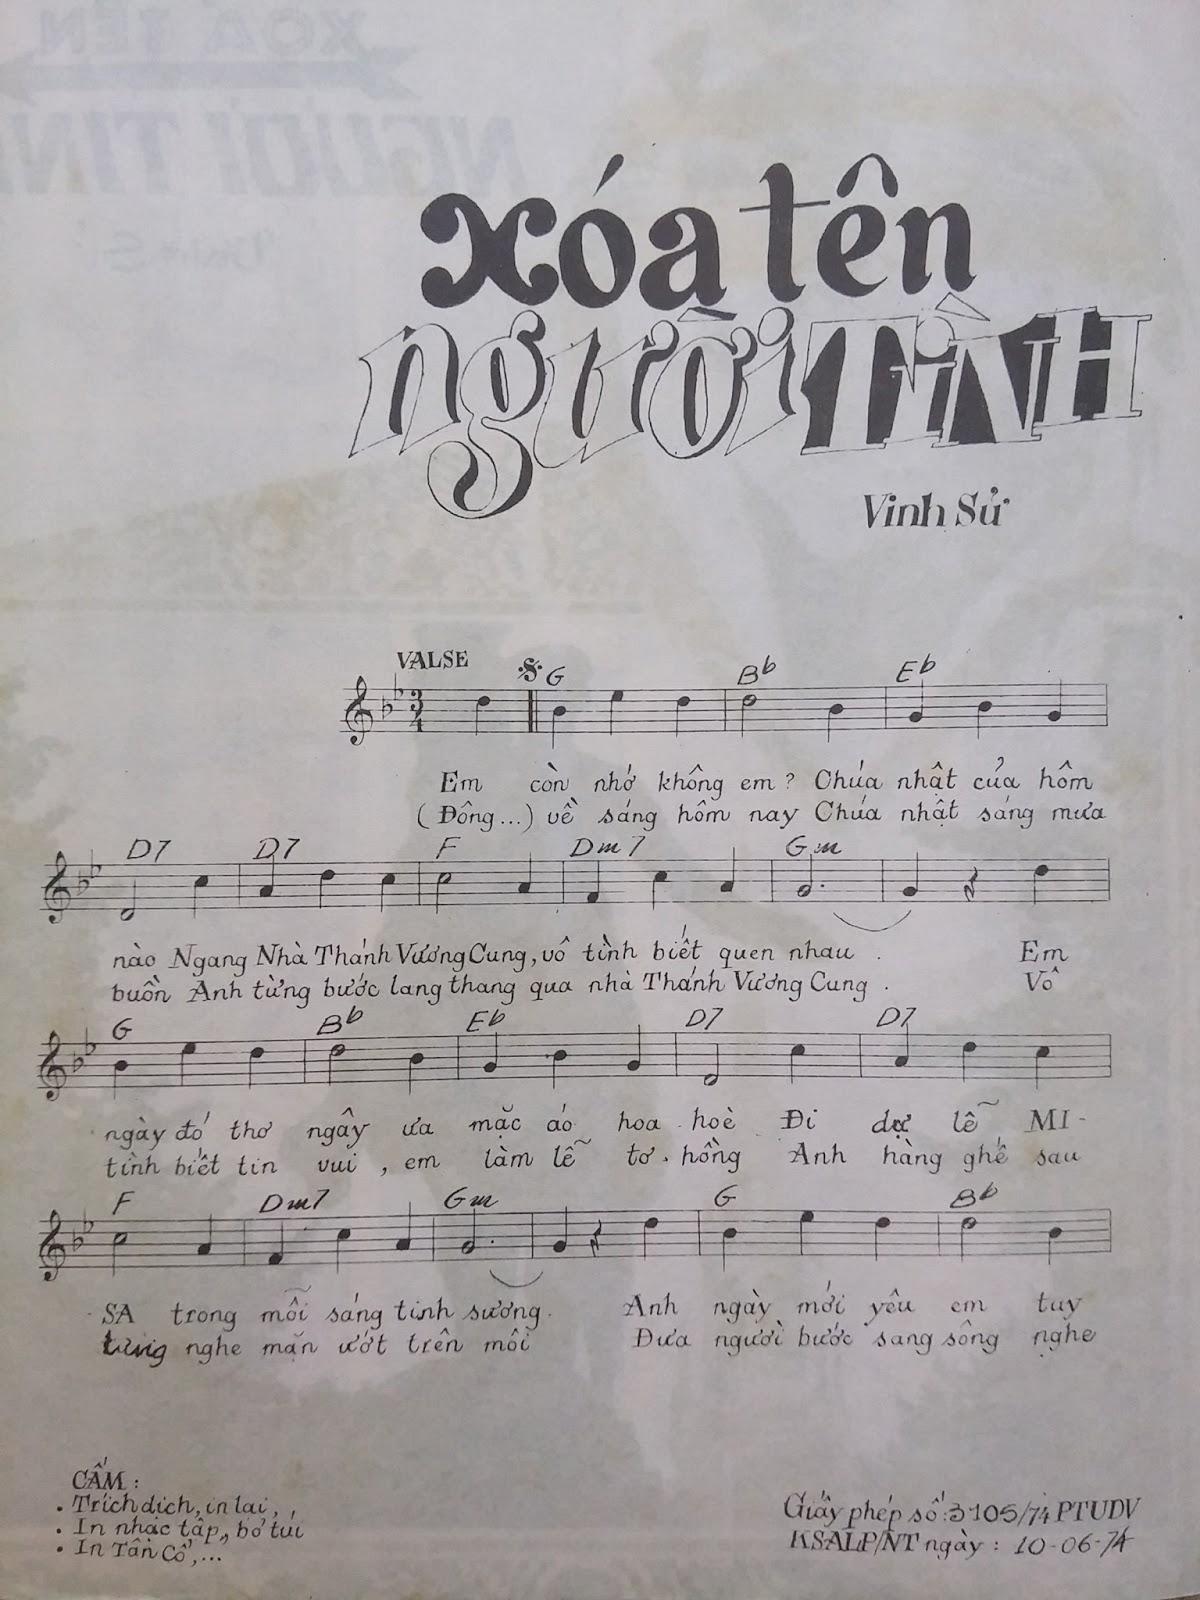 Sheet nhạc bài hát xóa tên người tình